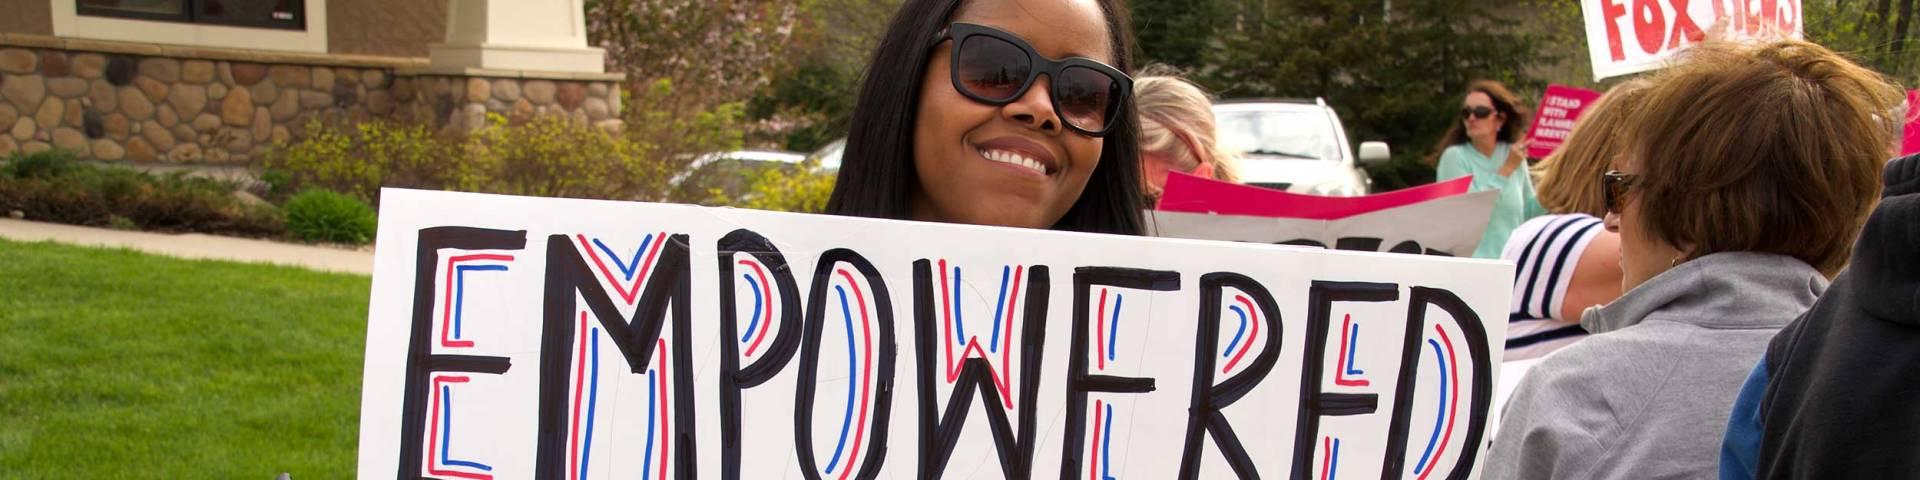 Renita closeup with sign.